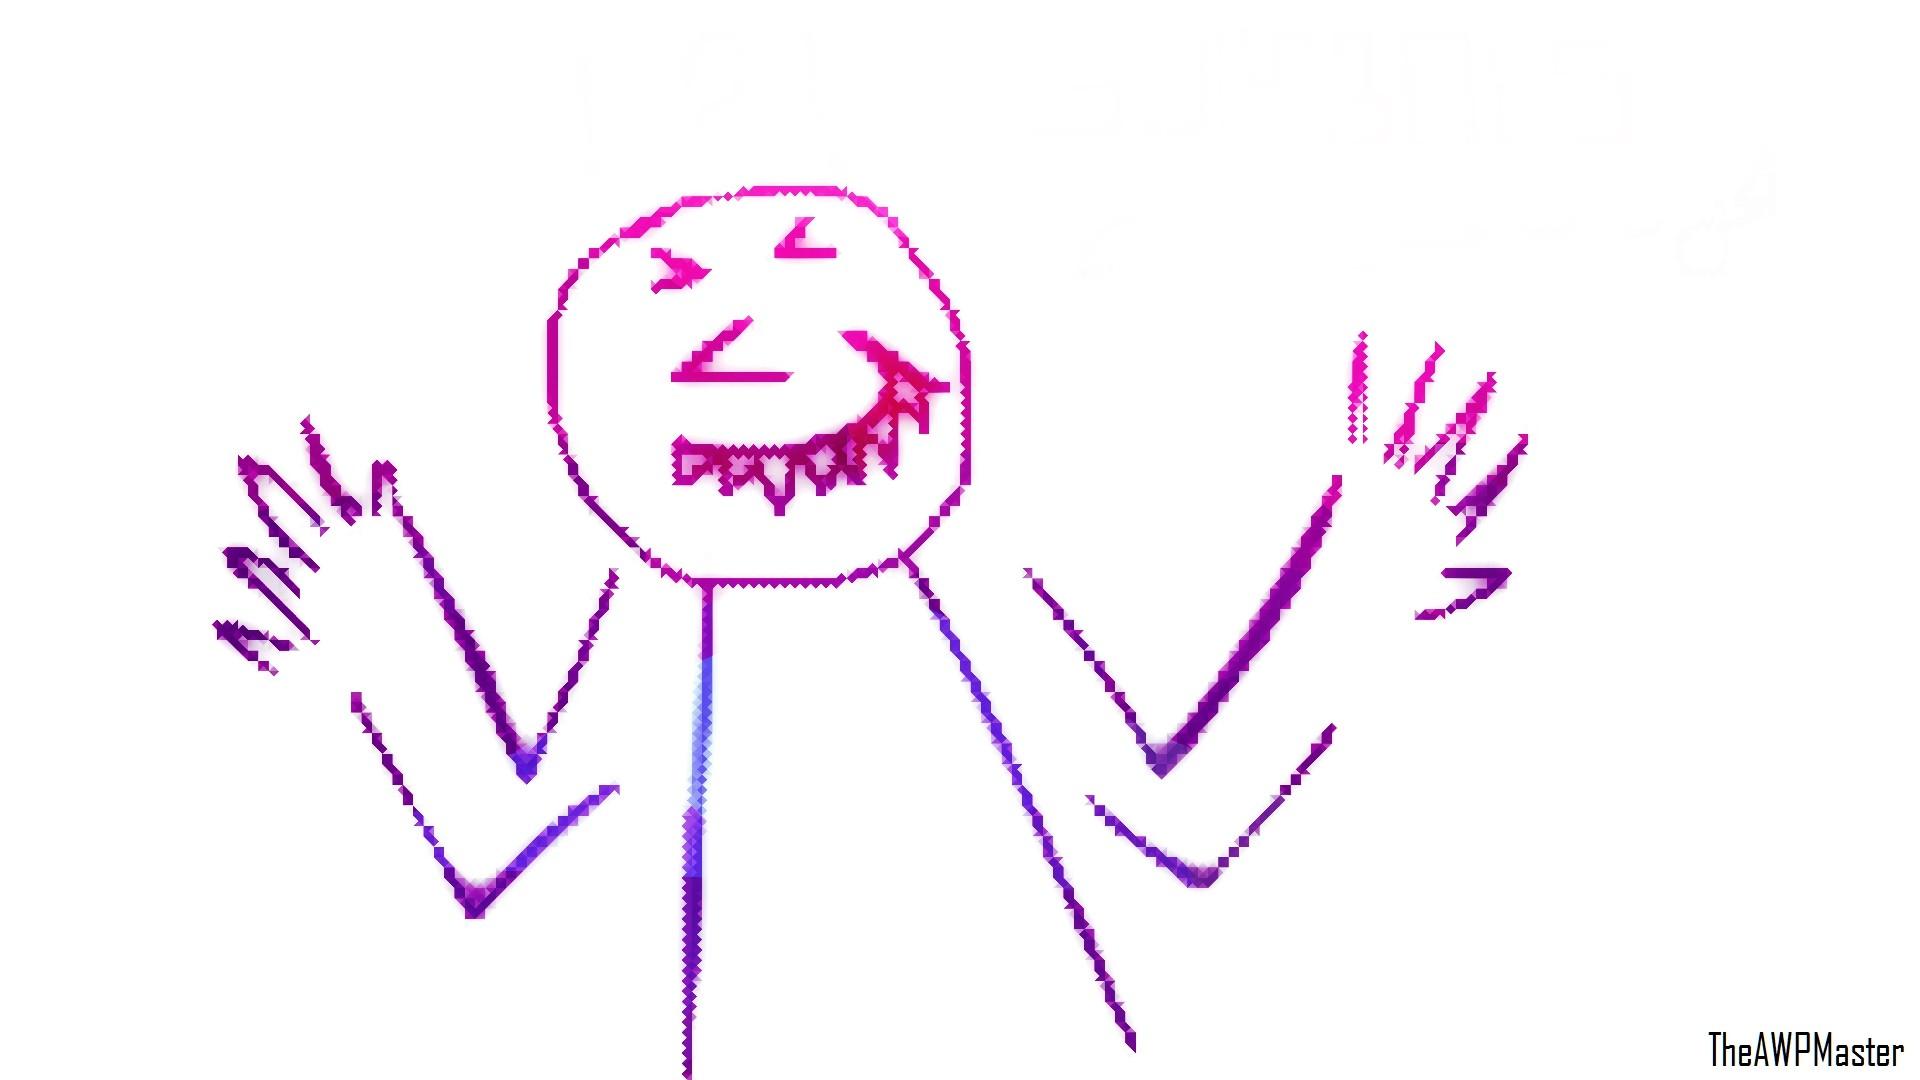 Fond D écran Humour Visage Pixel Art 1920x1080